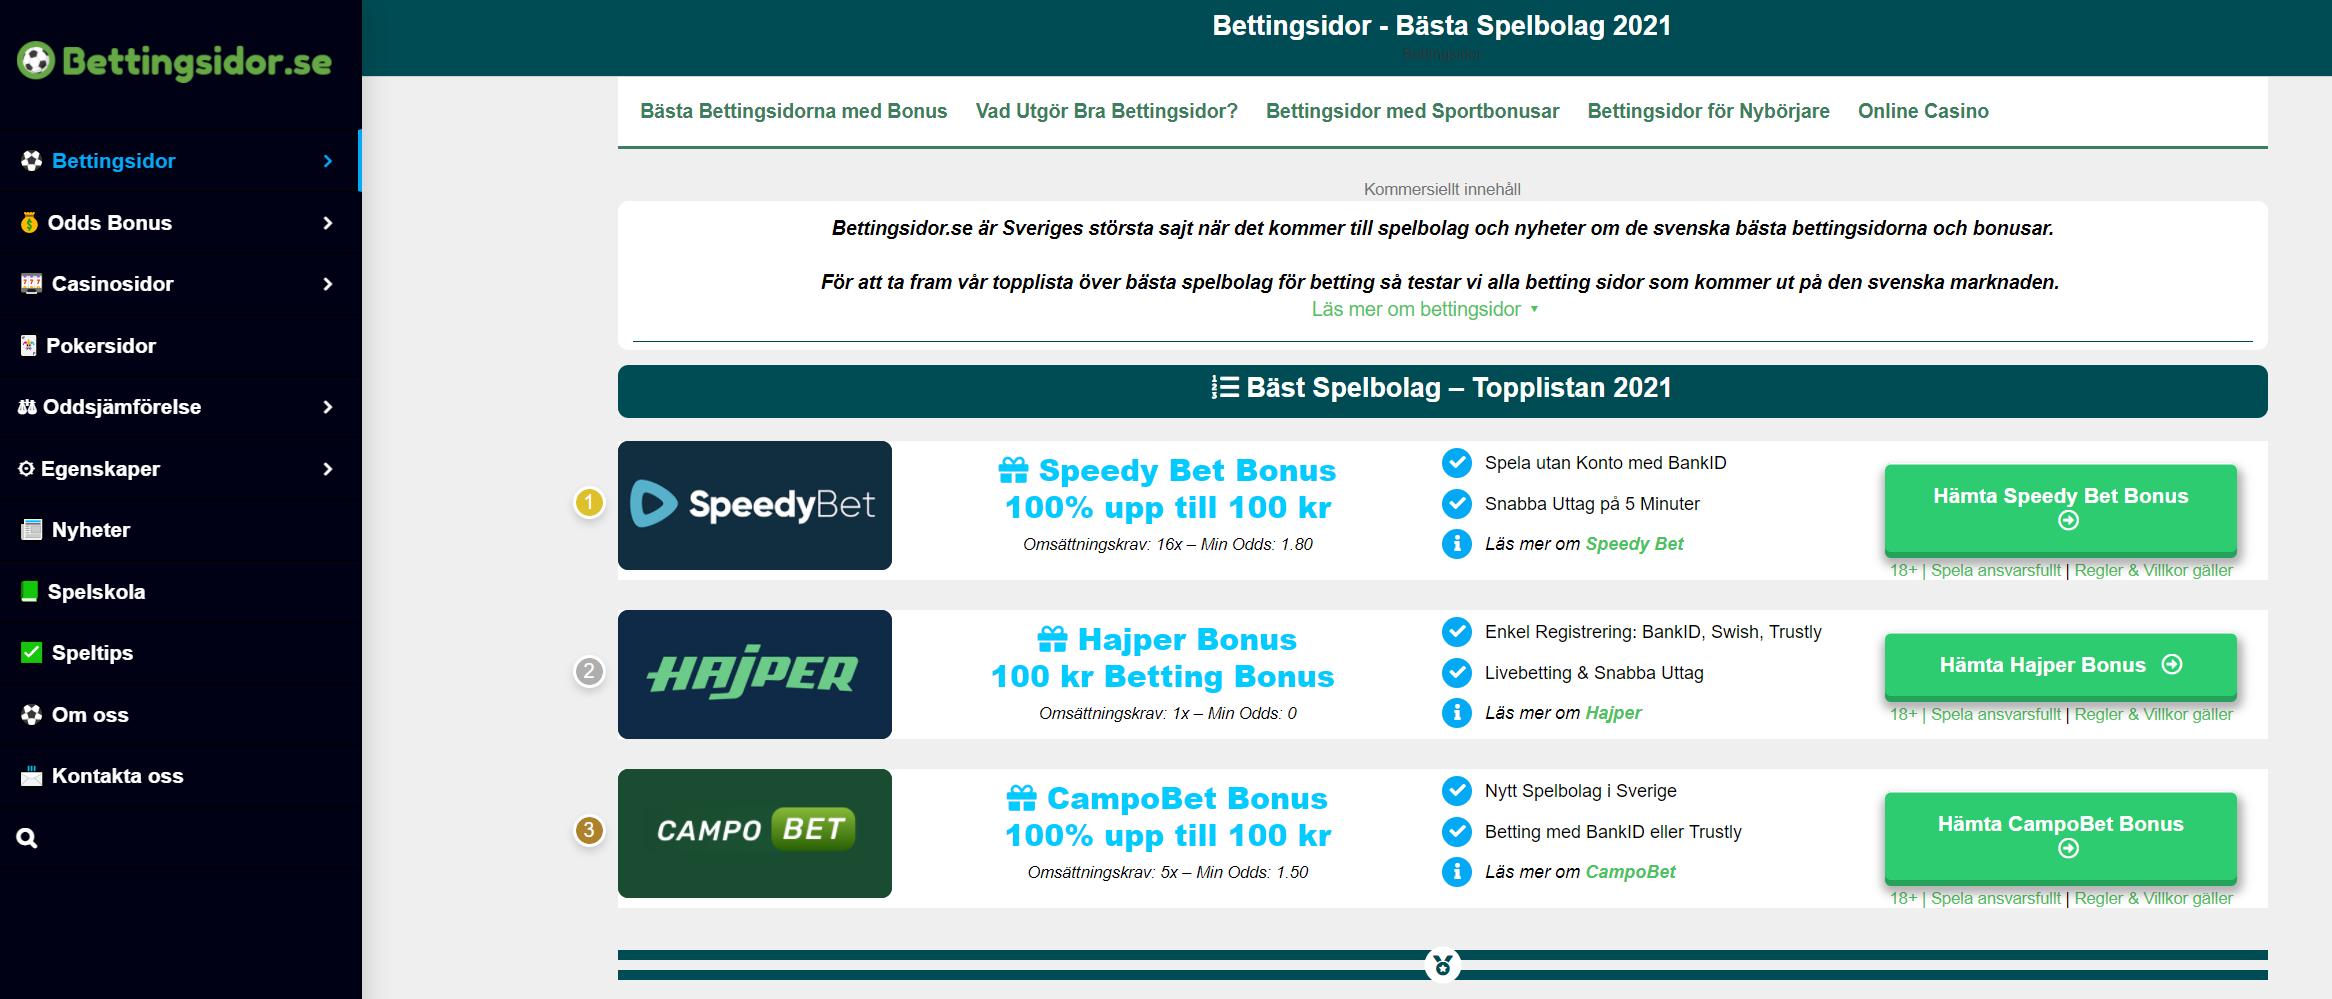 Nya bettingsidor 2021 lista 80410